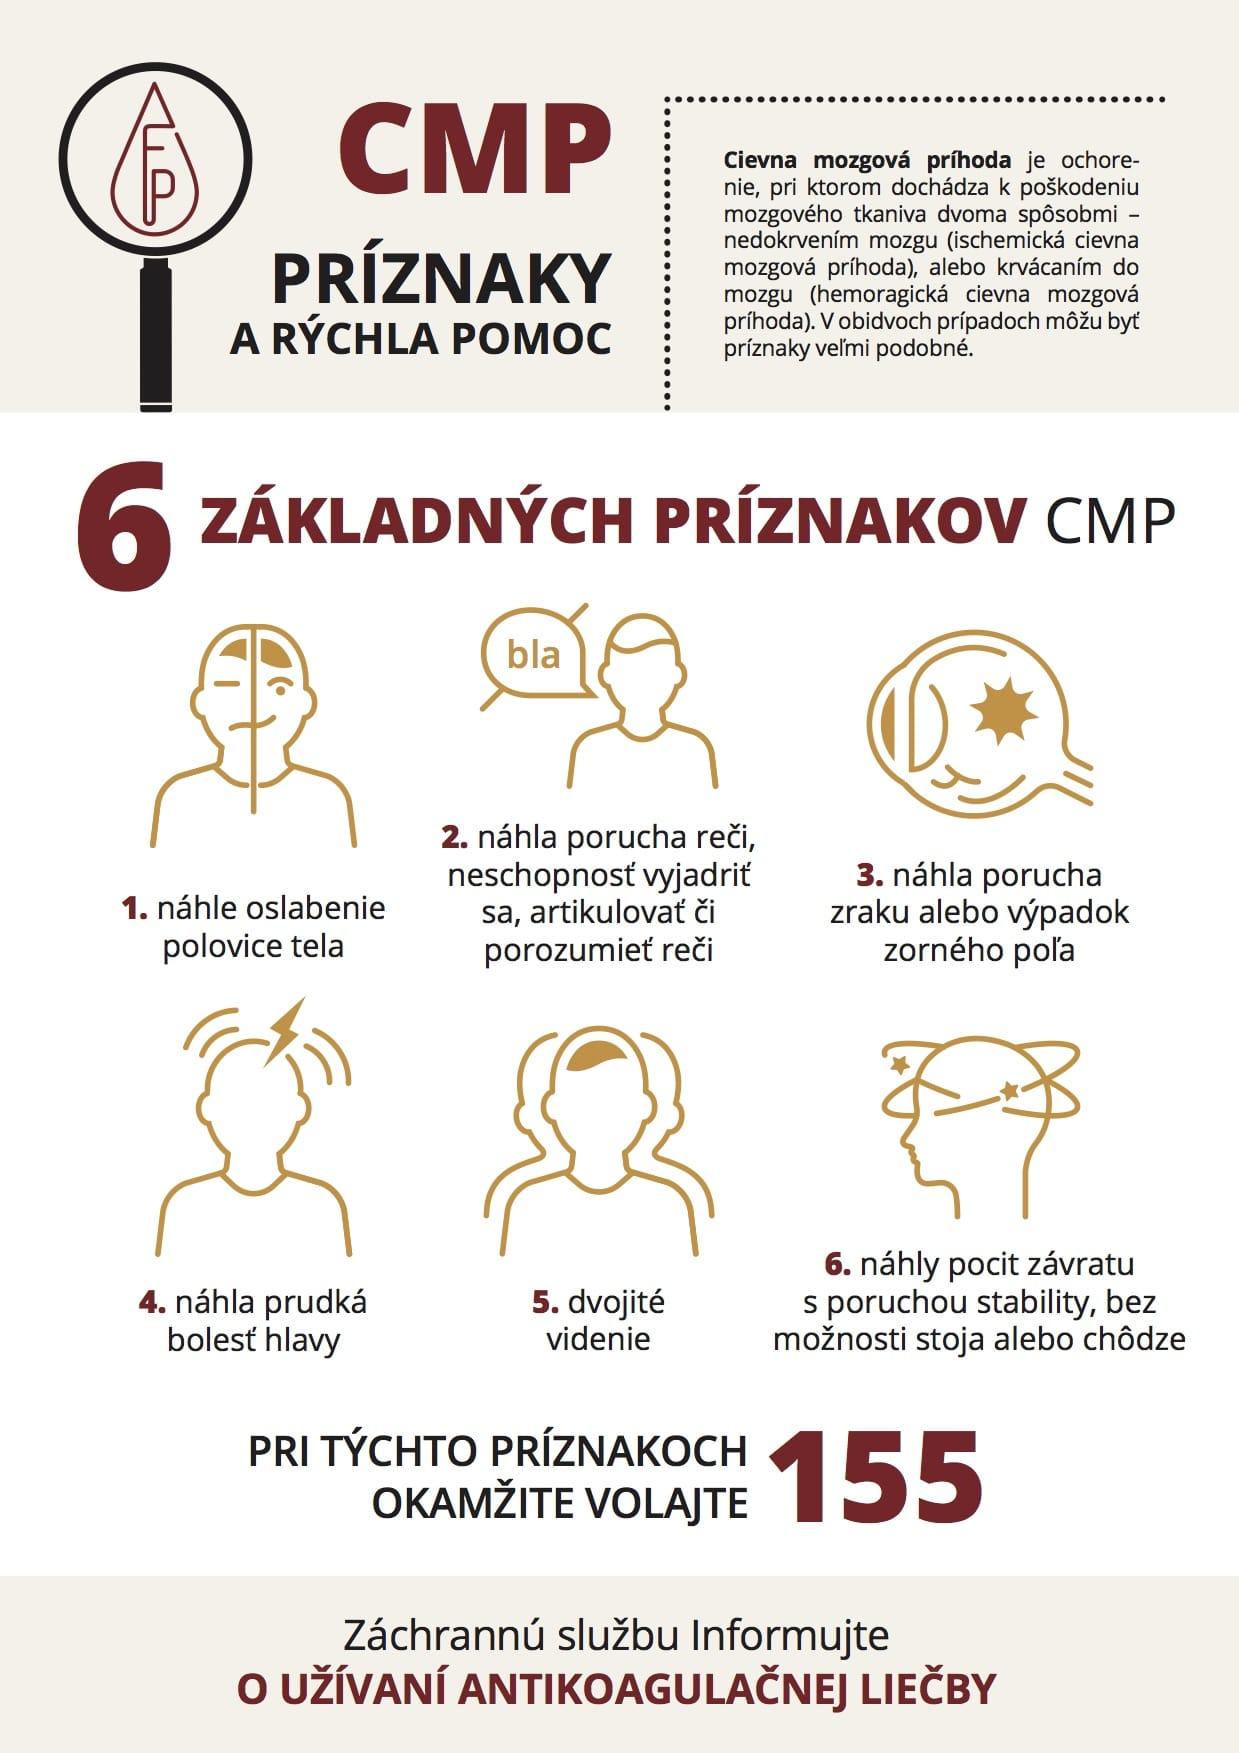 Infografika - Príznaky a rýchla pomoc pri cievnej mozgovej príhode